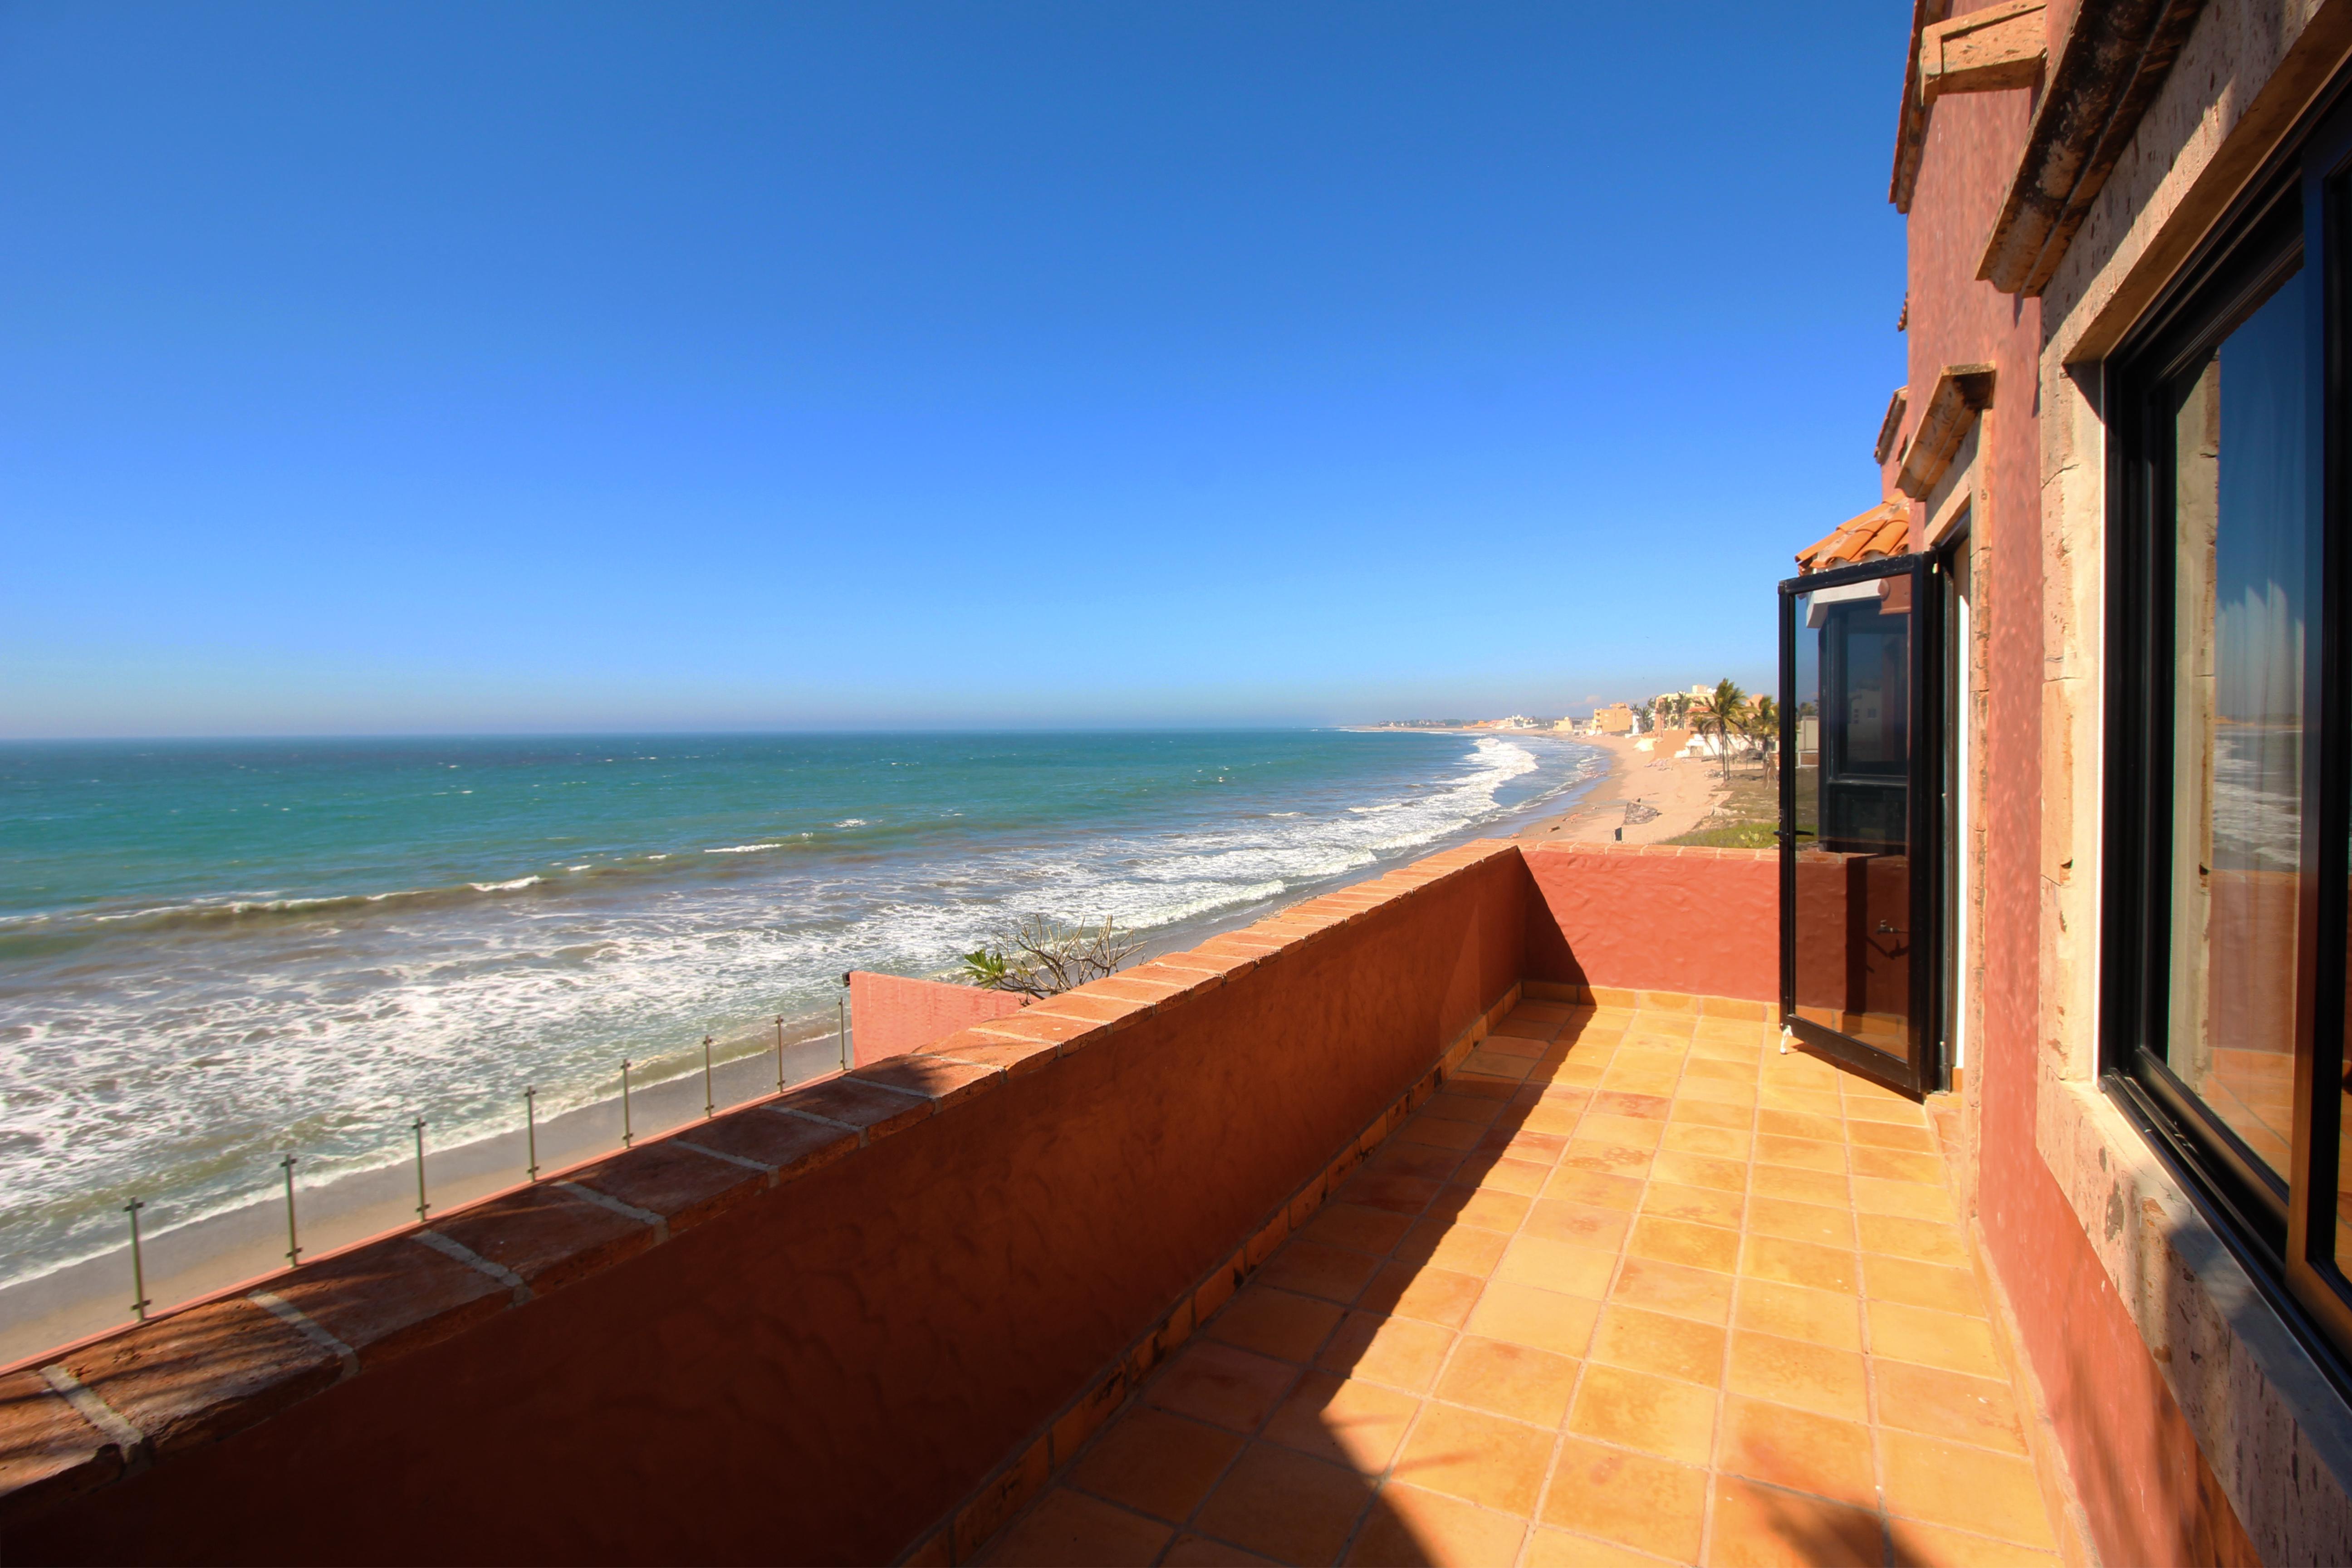 Second floor balcony with ocean views.